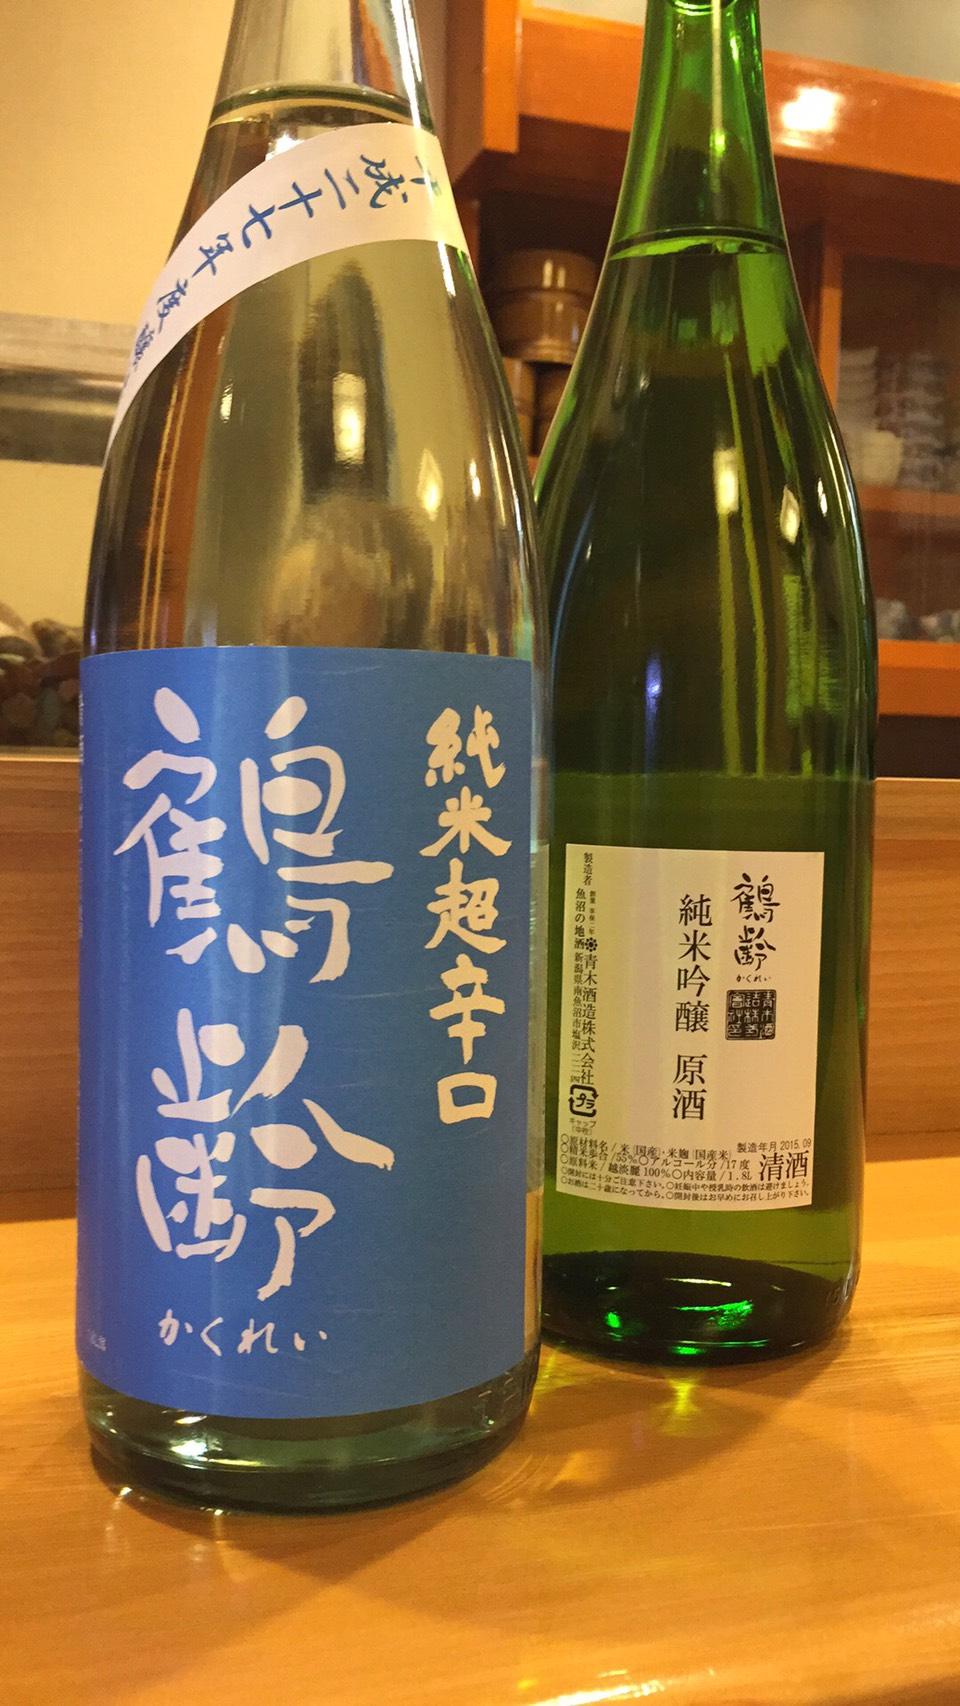 新潟地酒 純米超辛口鶴齢 鶴齢純米吟醸原酒